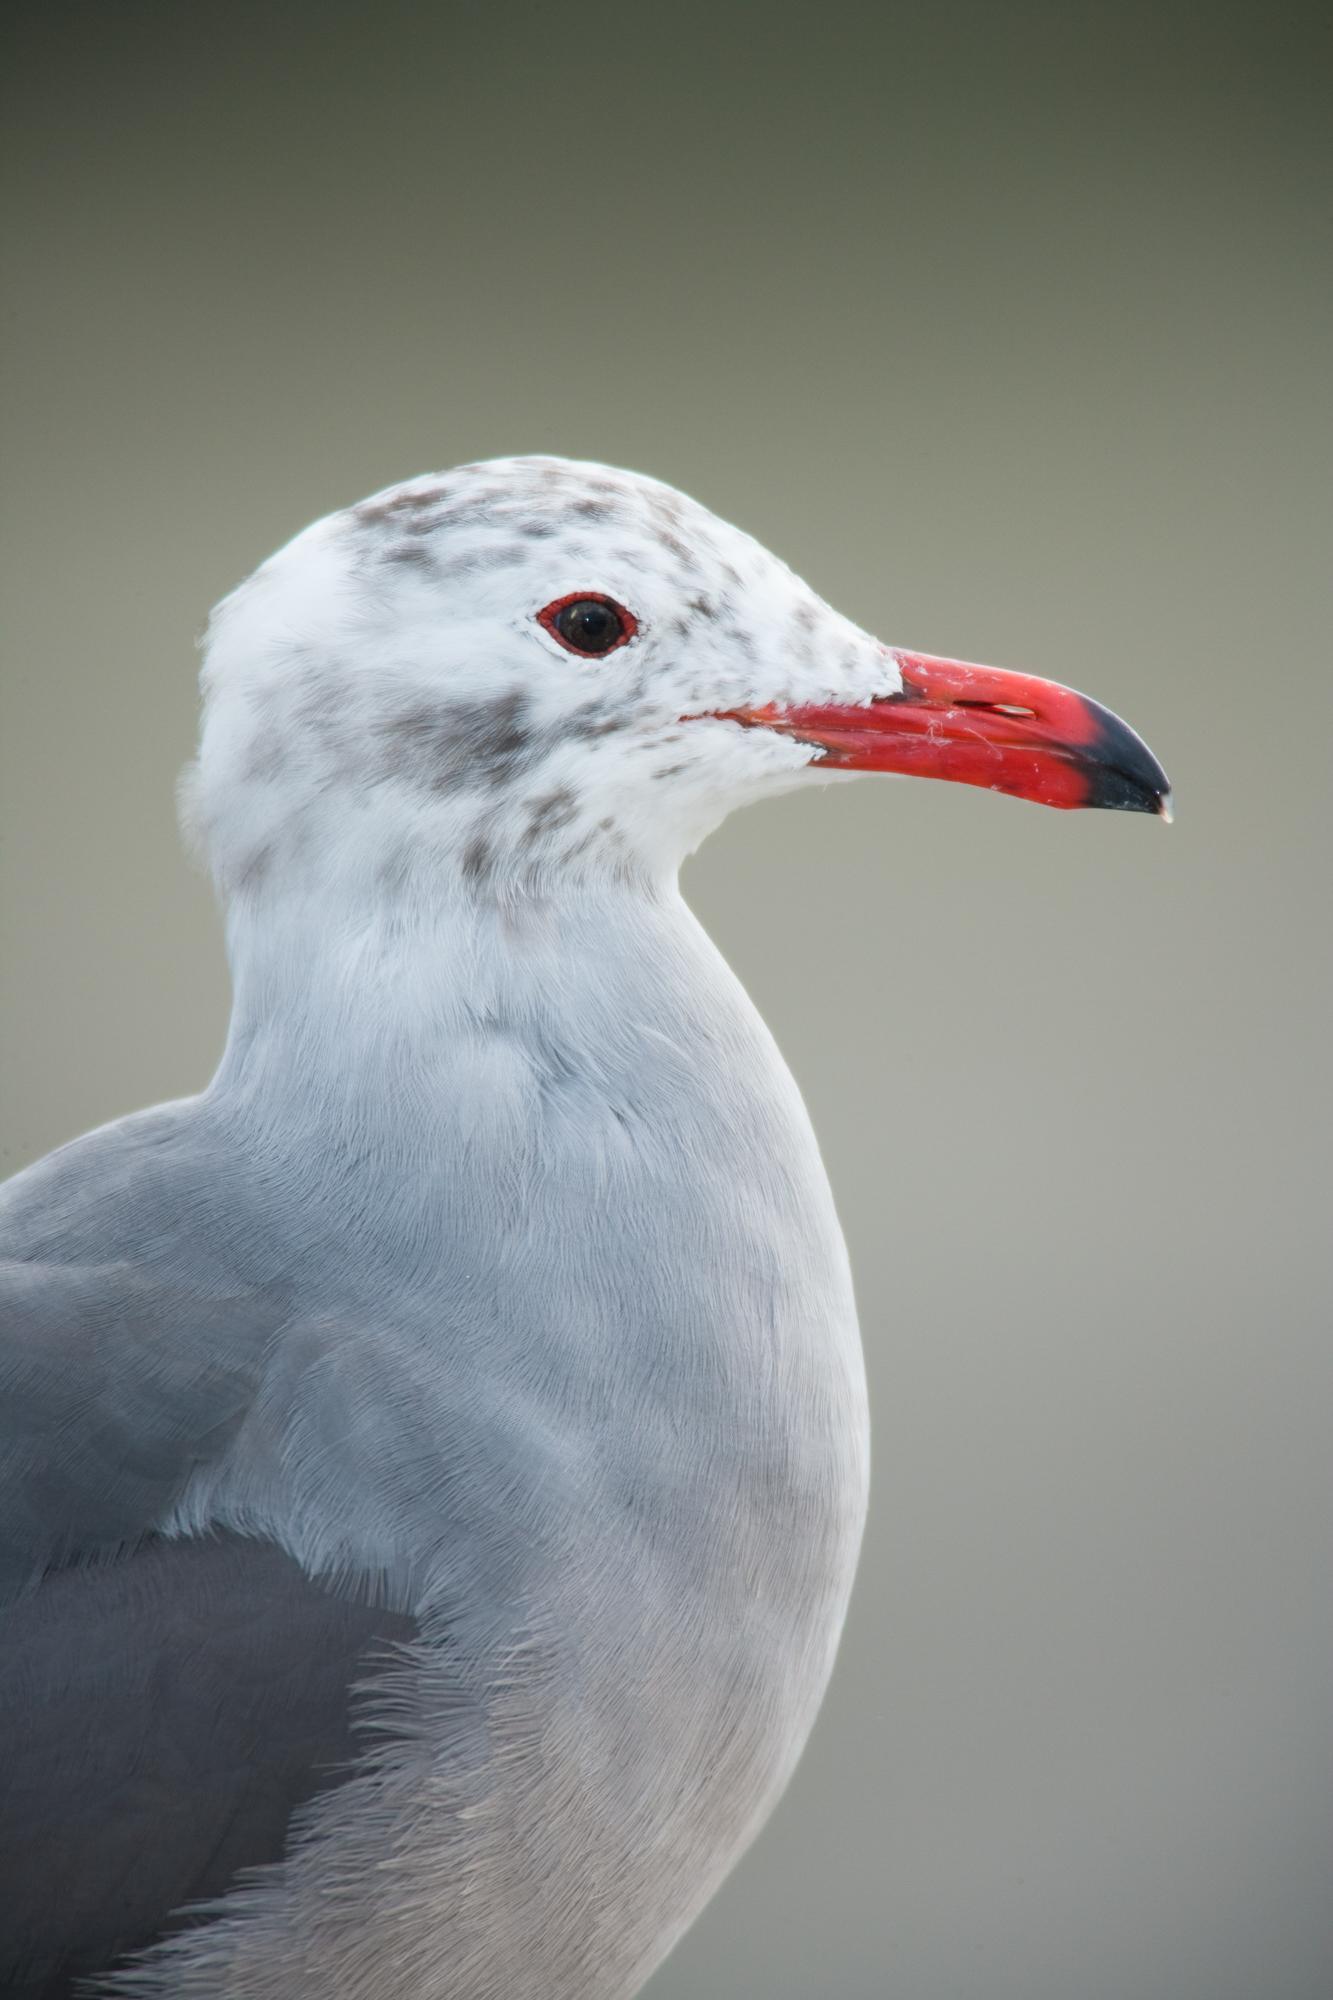 基羽的红嘴灰鸥